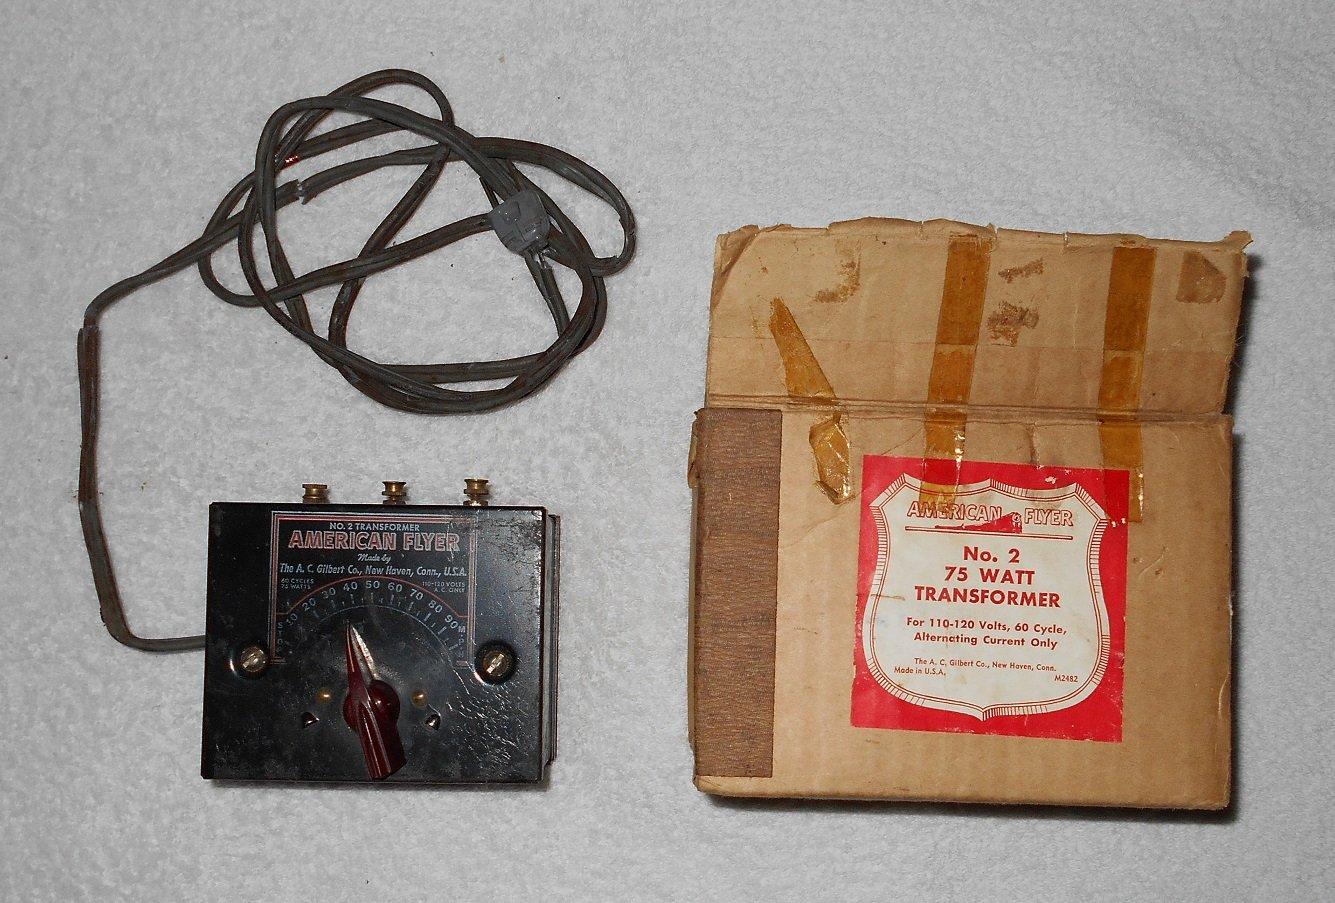 American Flyer - #2 - Transformer - 75 Watt - Includes Original Box - Vintage